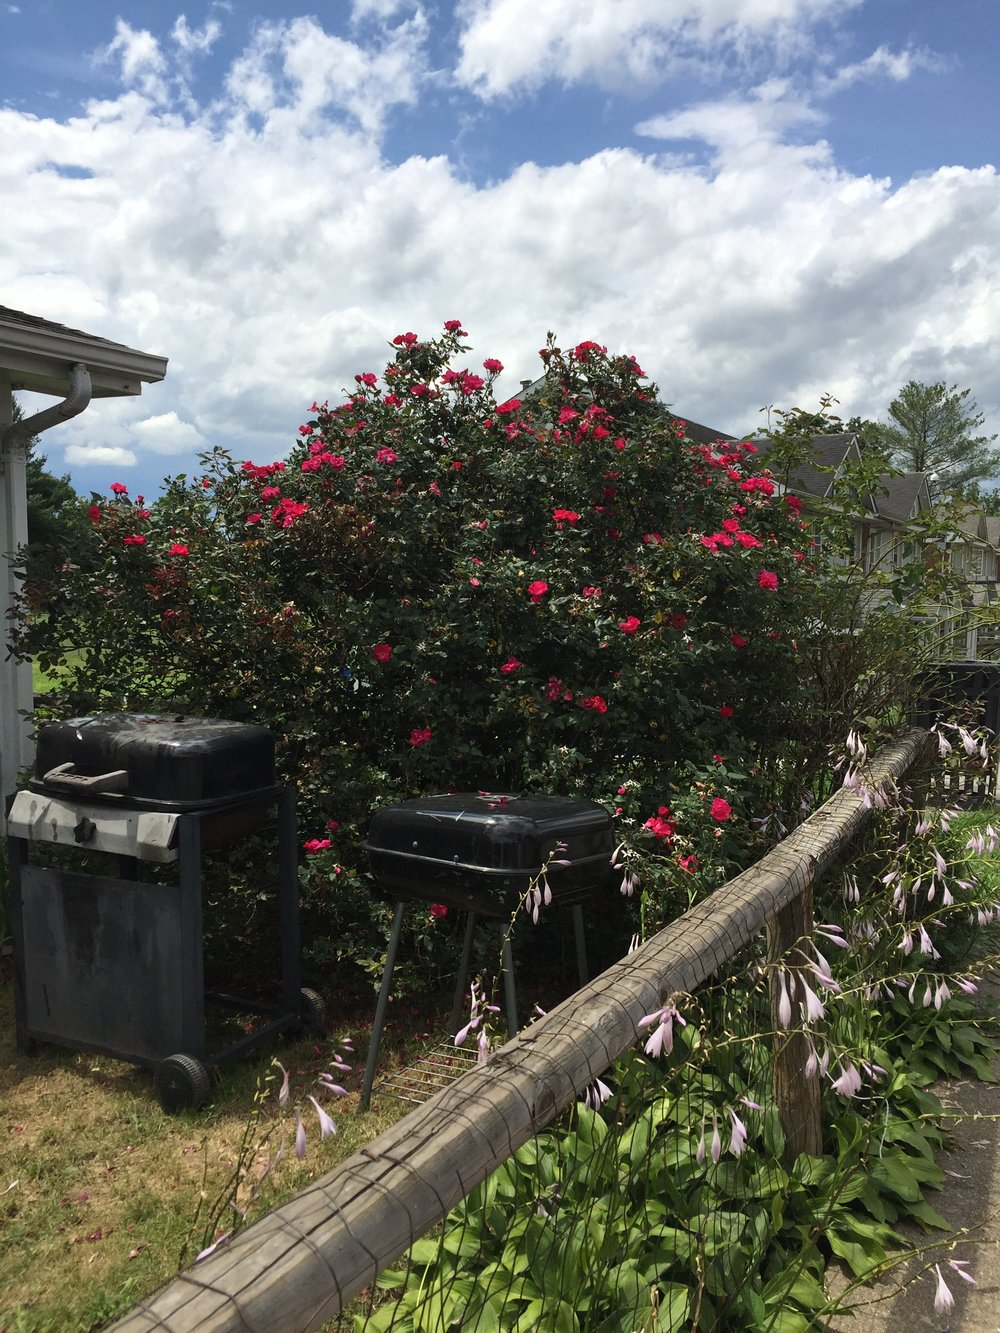 Mary Jo's roses